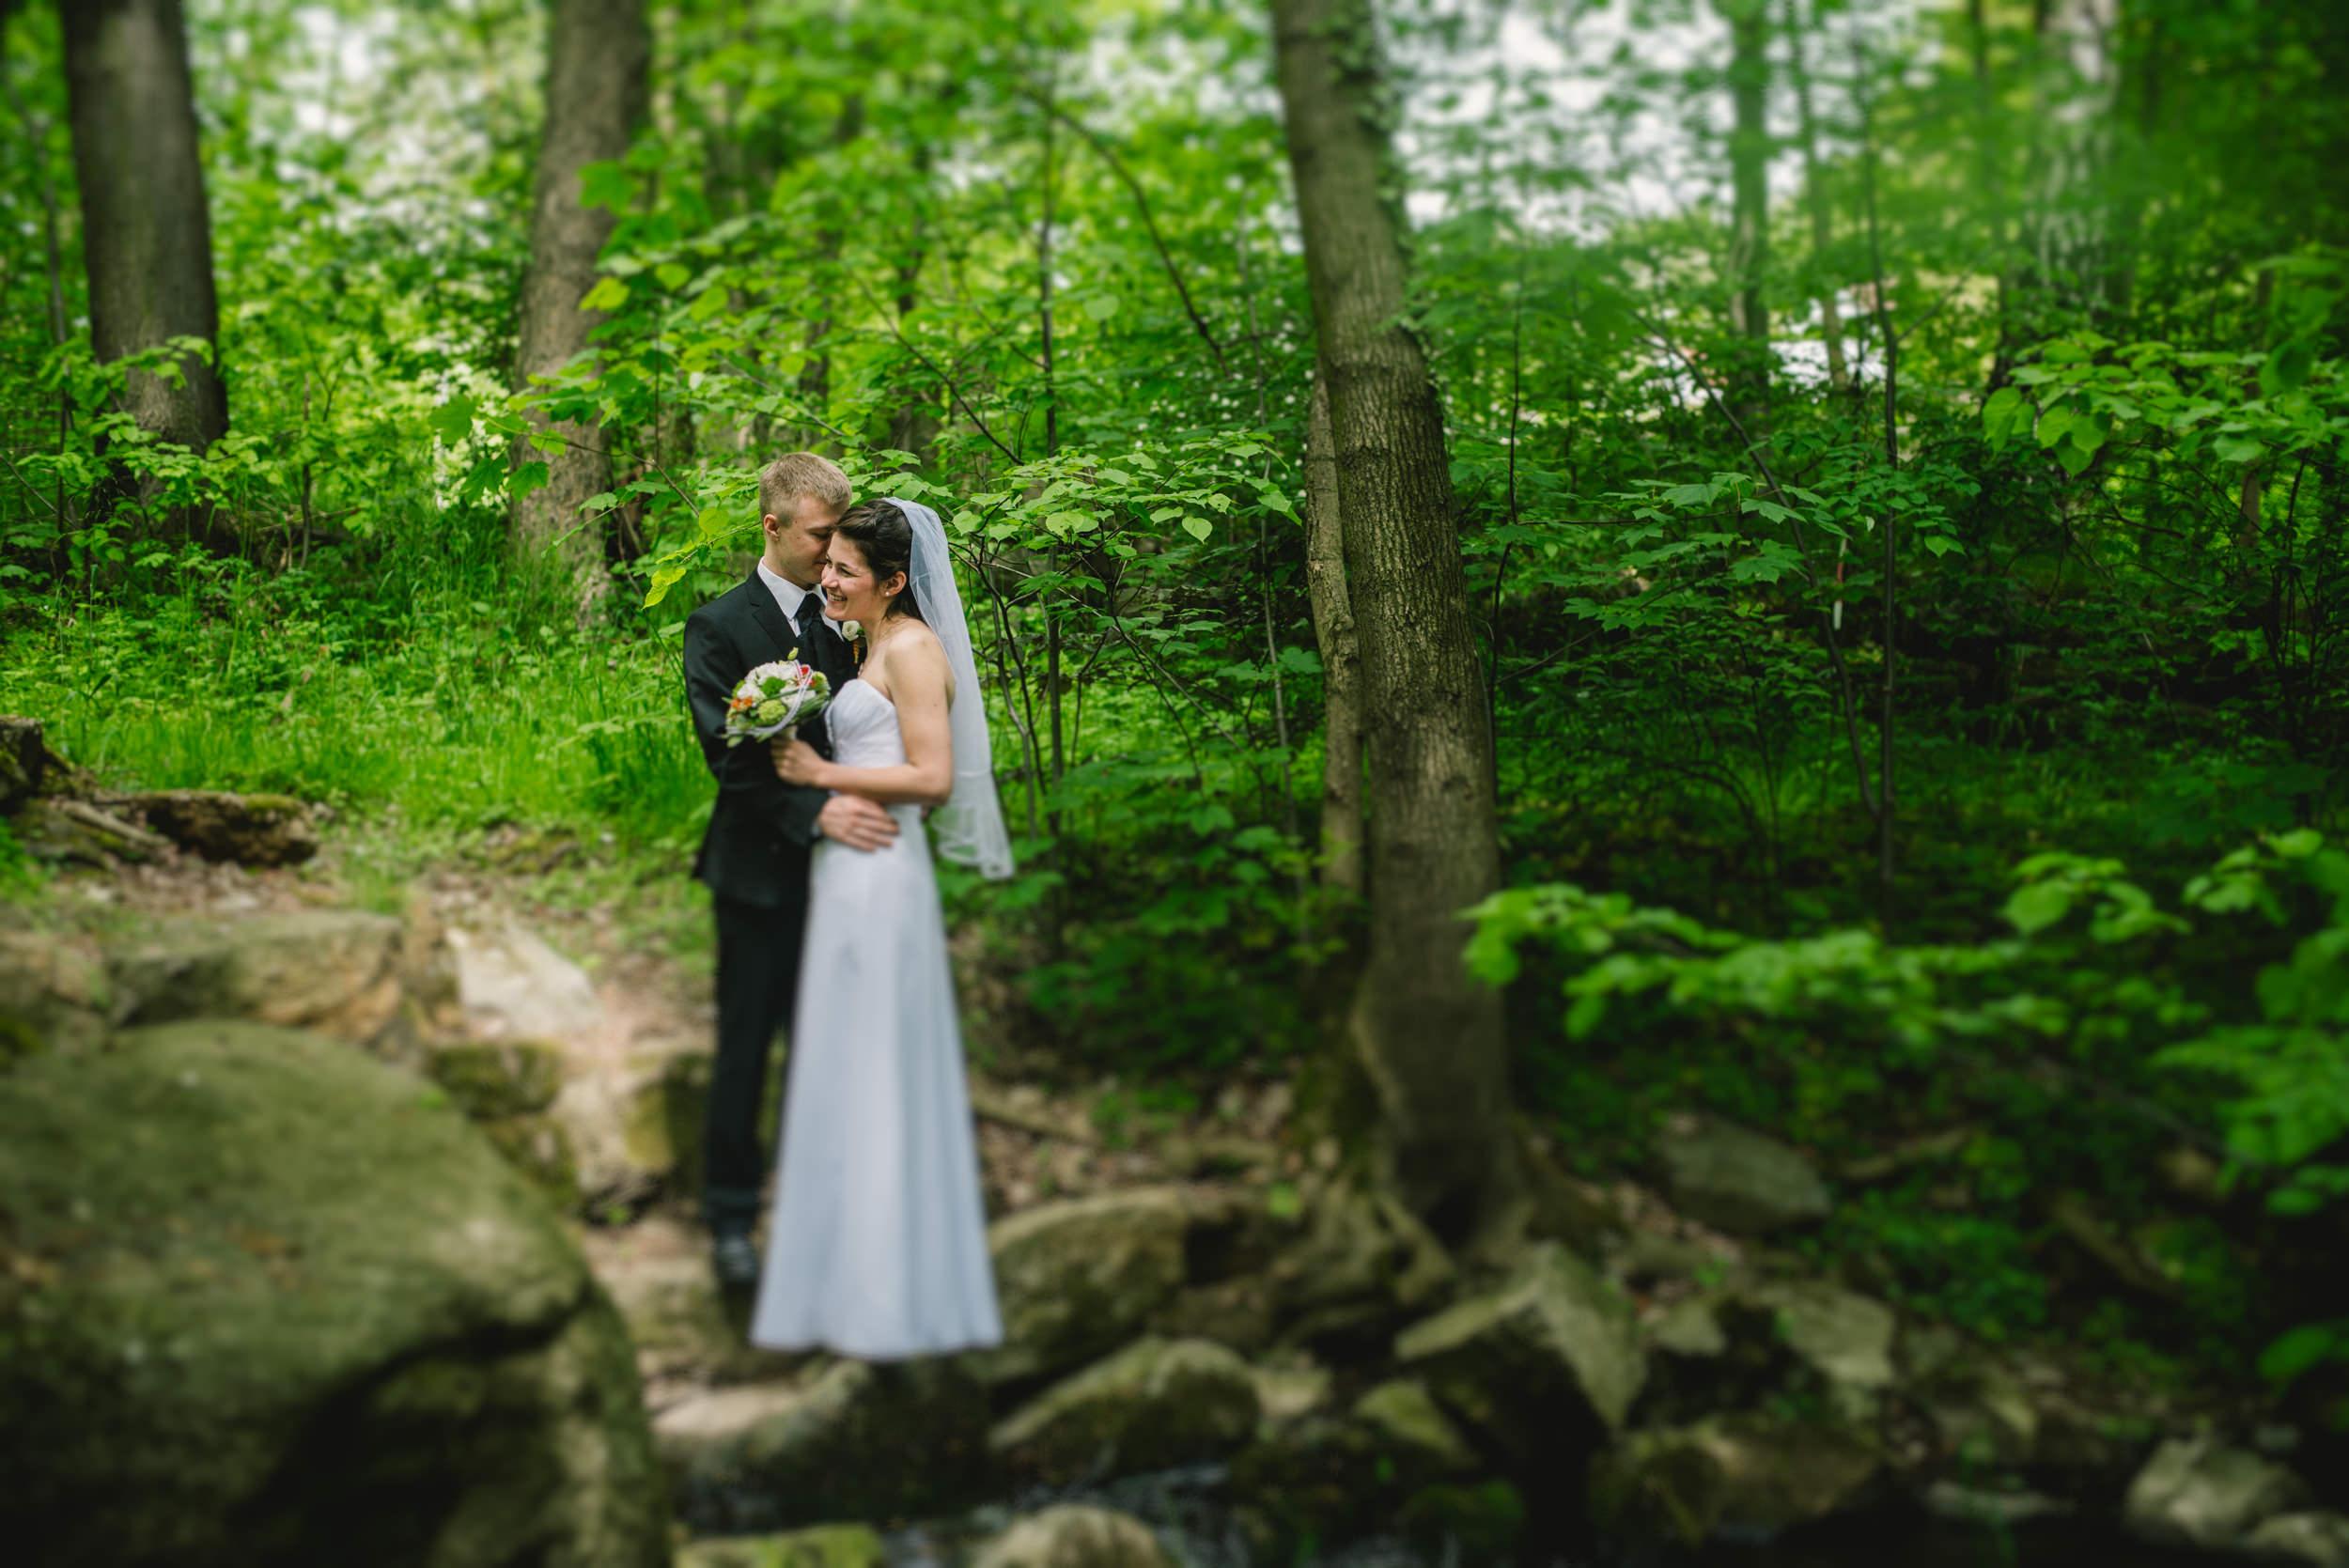 Paul_Glaser_Hochzeitsfotograf-8